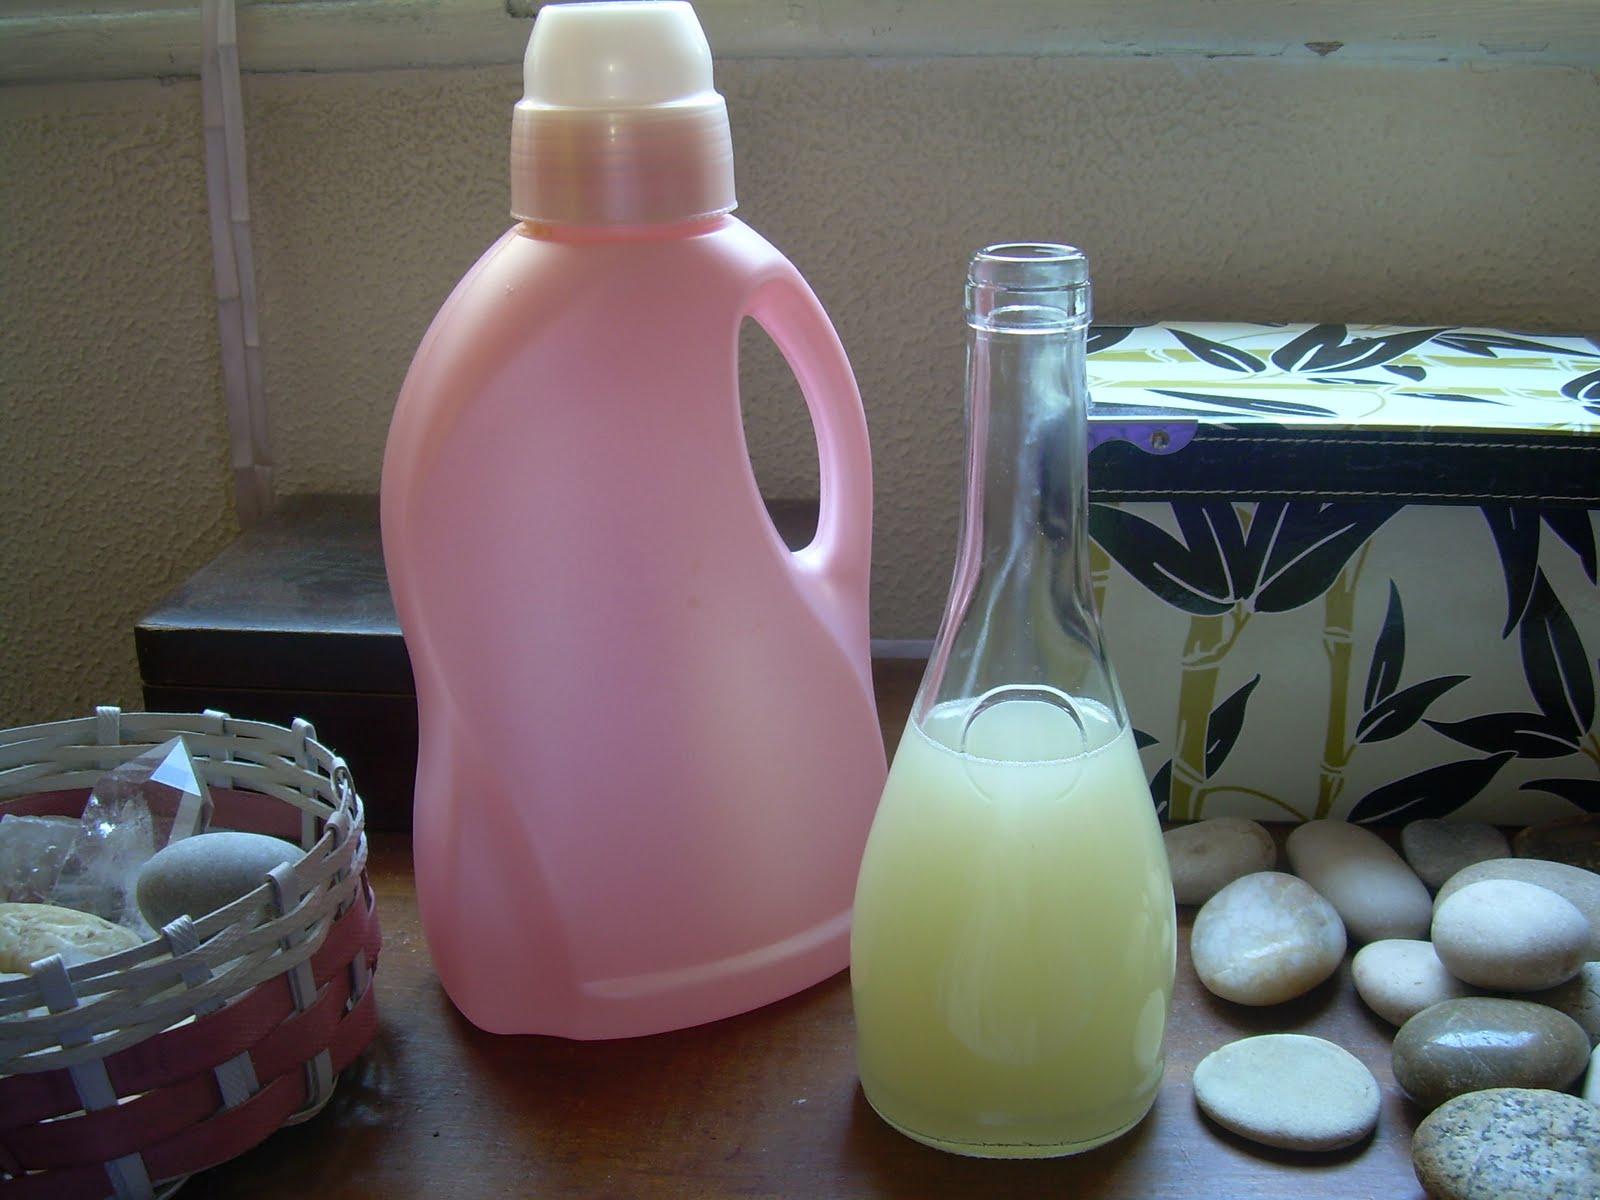 Bruja burbujas jab n l quido para la lavadora los platos - Jabon lavadora casero ...